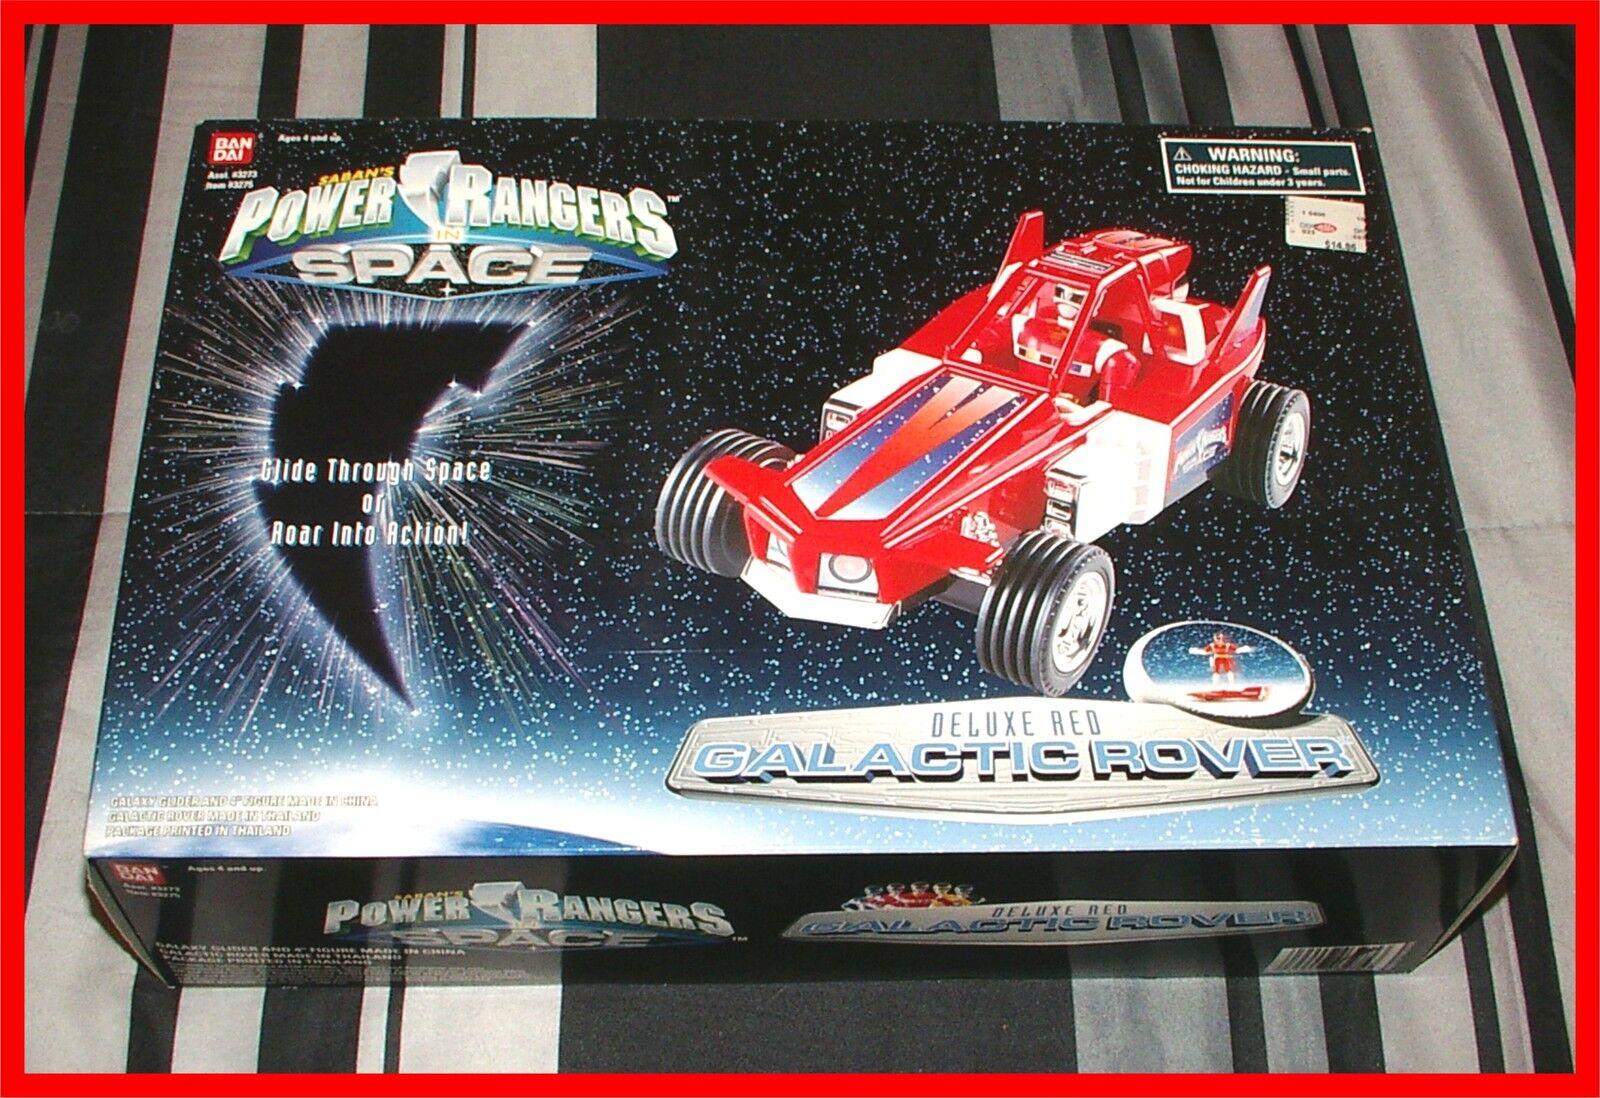 Power rangers im weltall  dx rote galaktischen rover _  mint in der fabrik versiegelten kiste